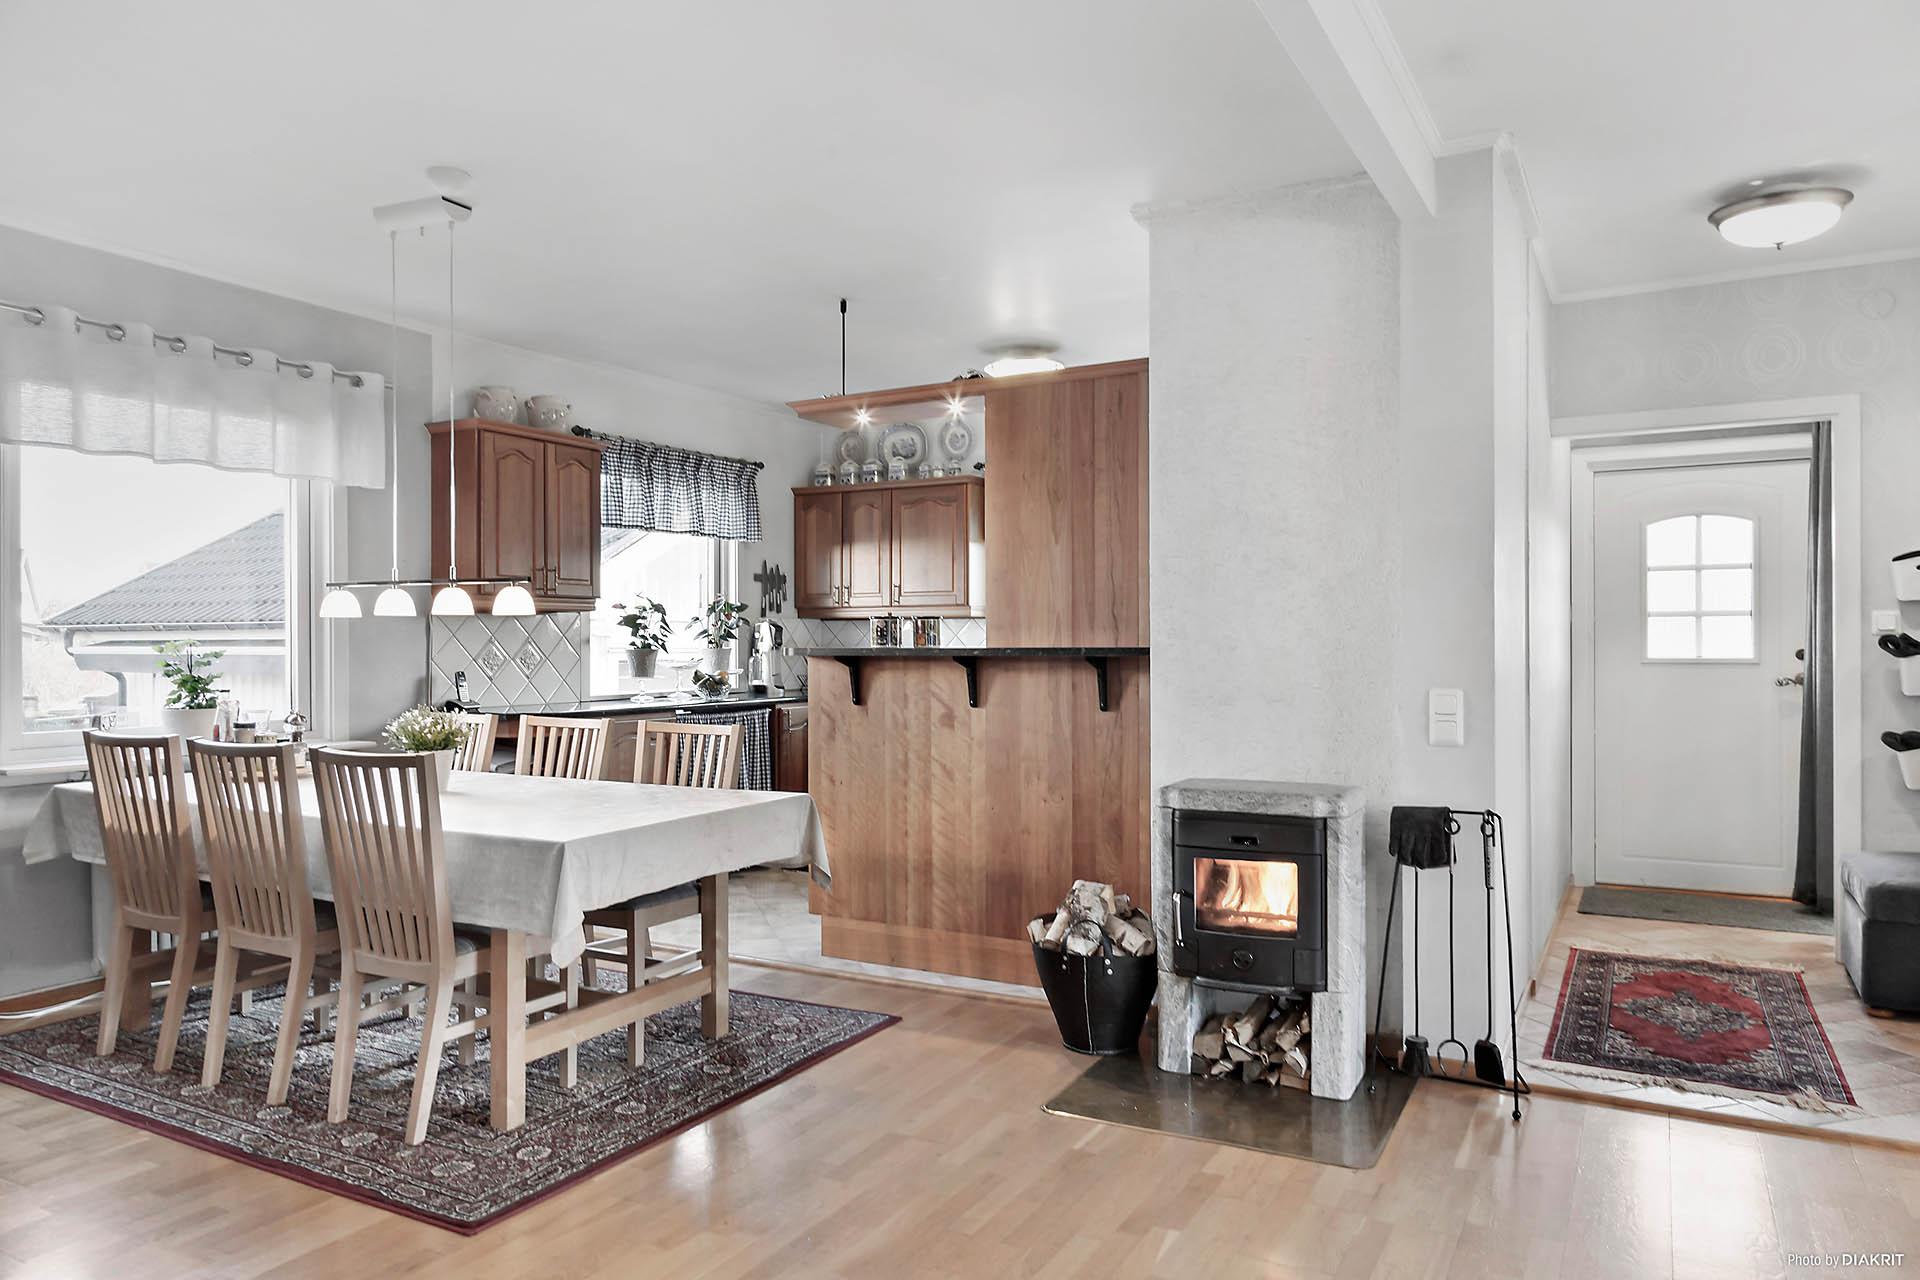 Här bor du i en trivsam enplansvilla med öppen planlösning mellan kök och vardagsrum.